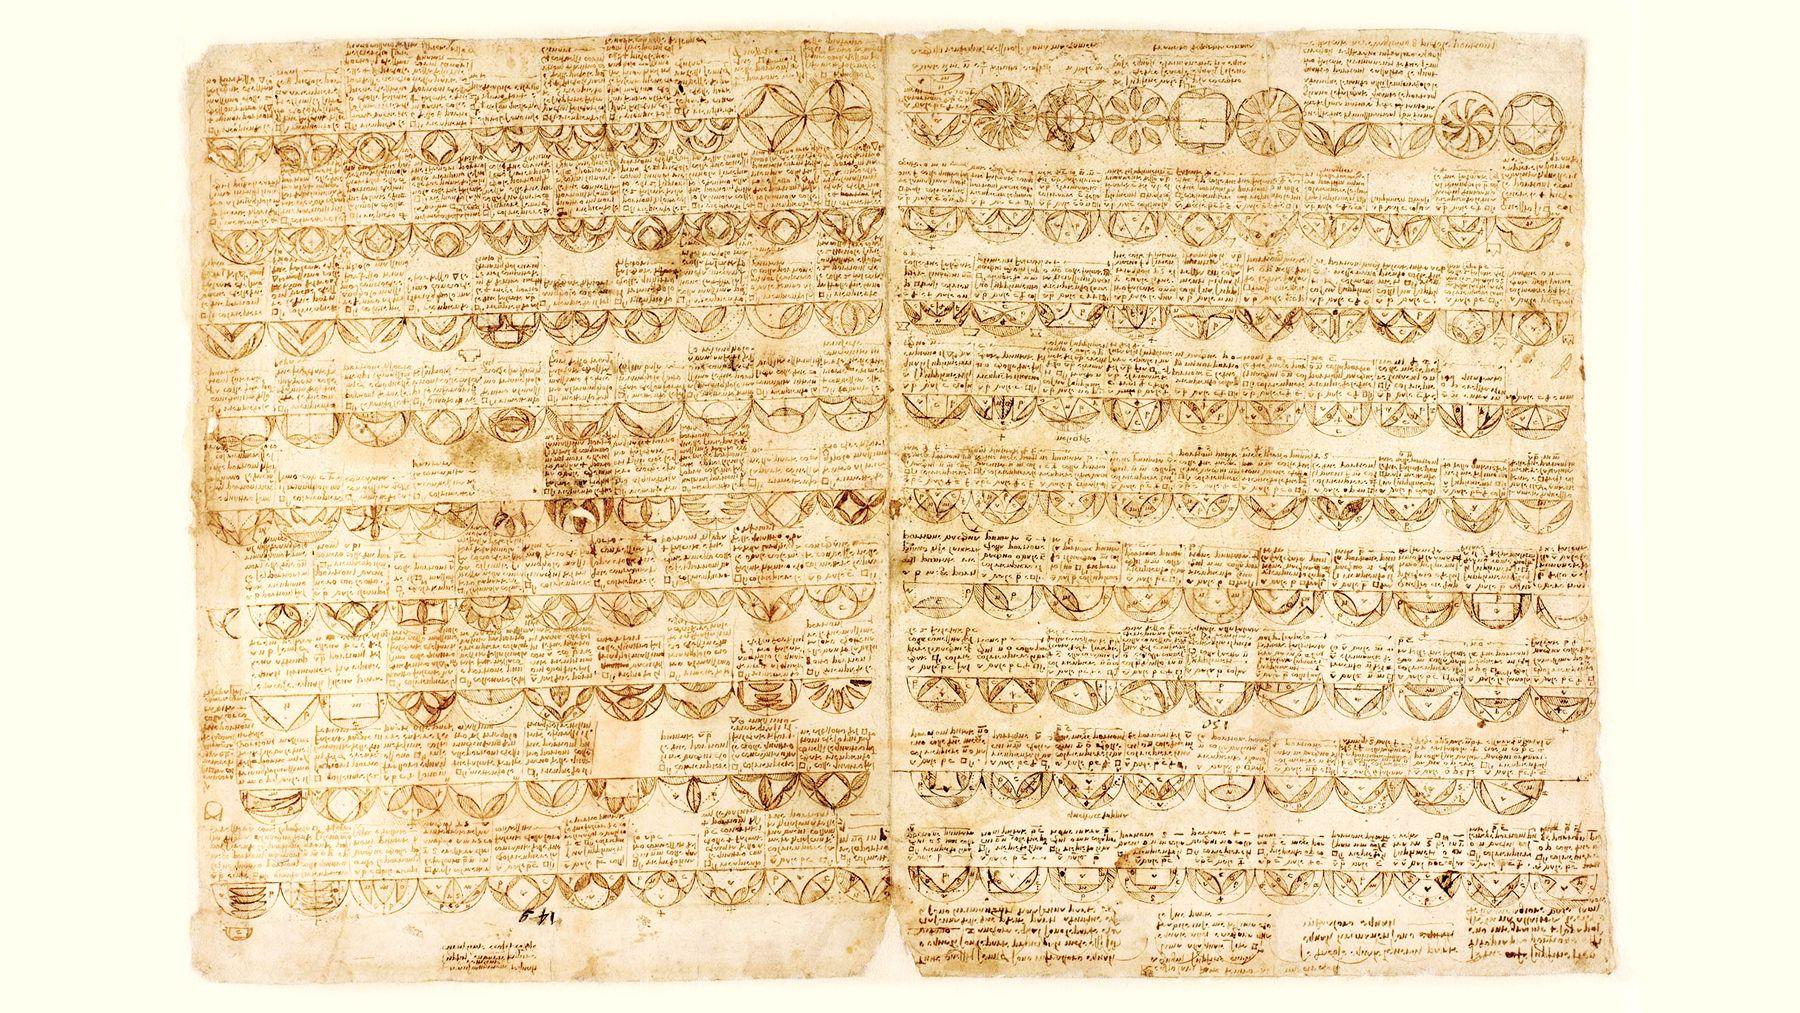 Codex atlanticus p455r